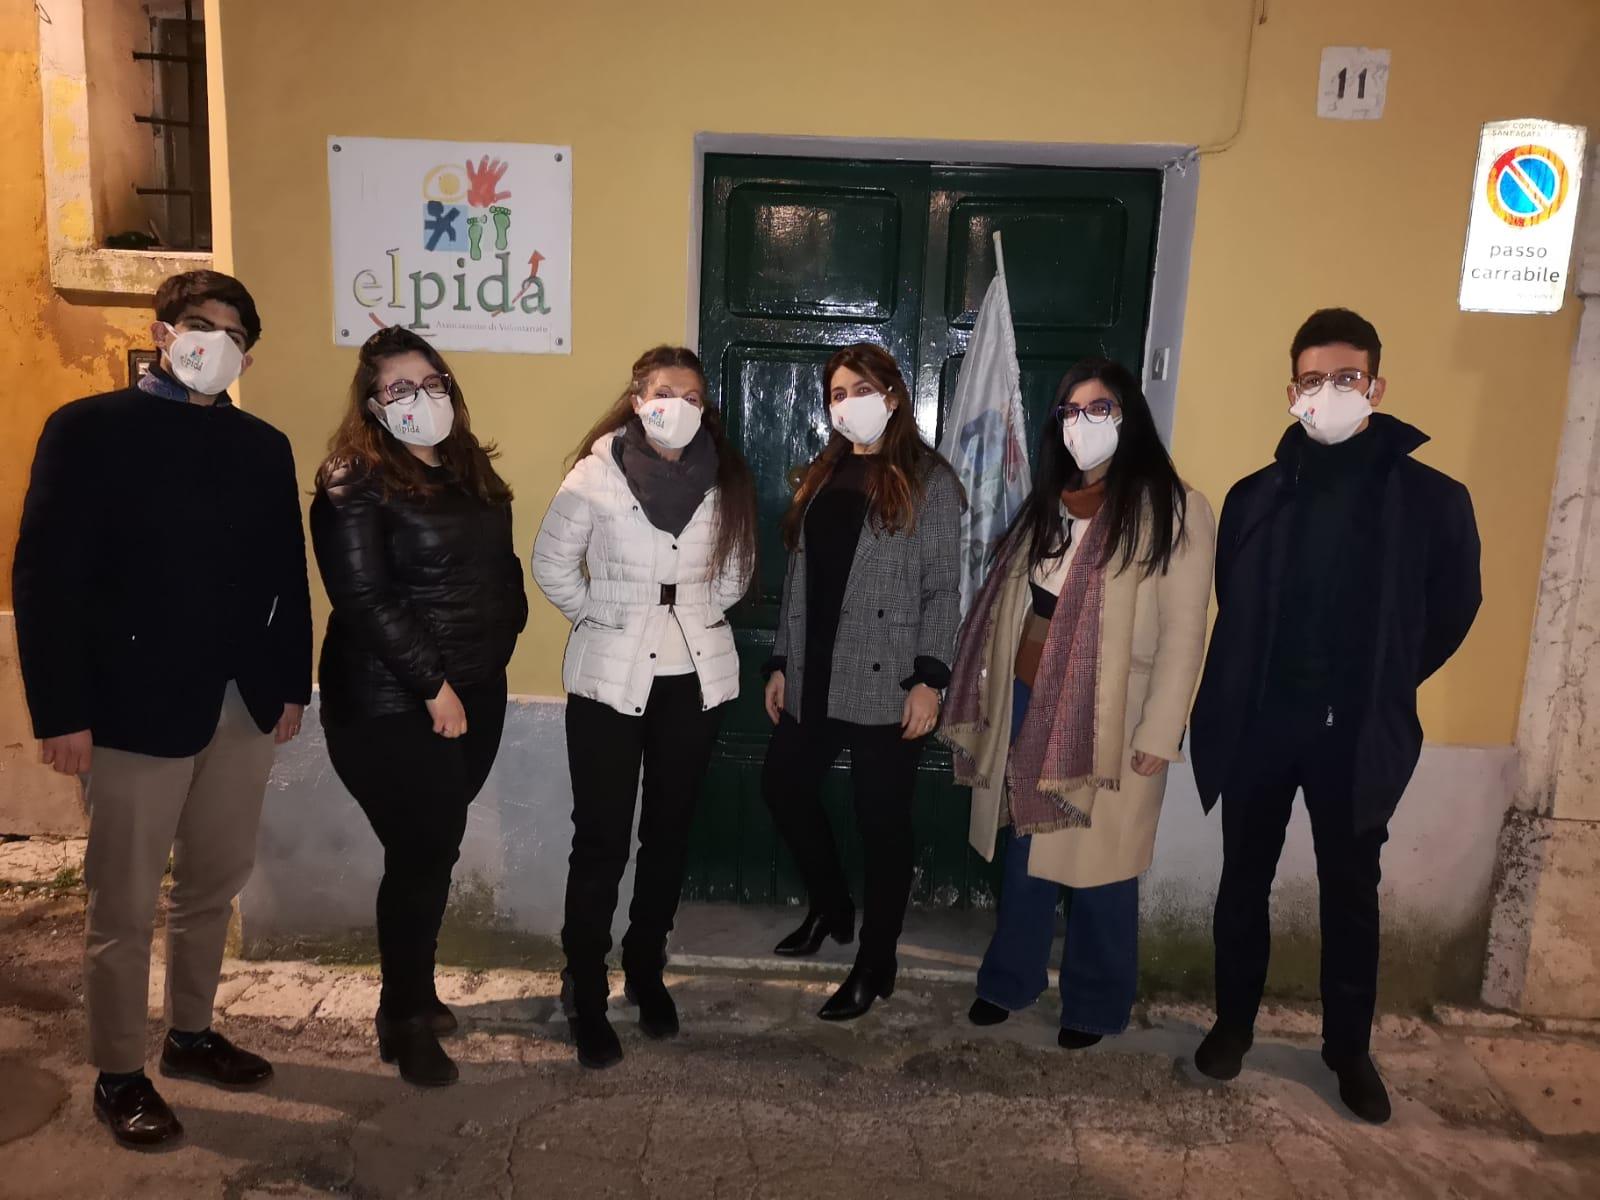 Elpida, nuovo Presidente: è Chiara Calvanese